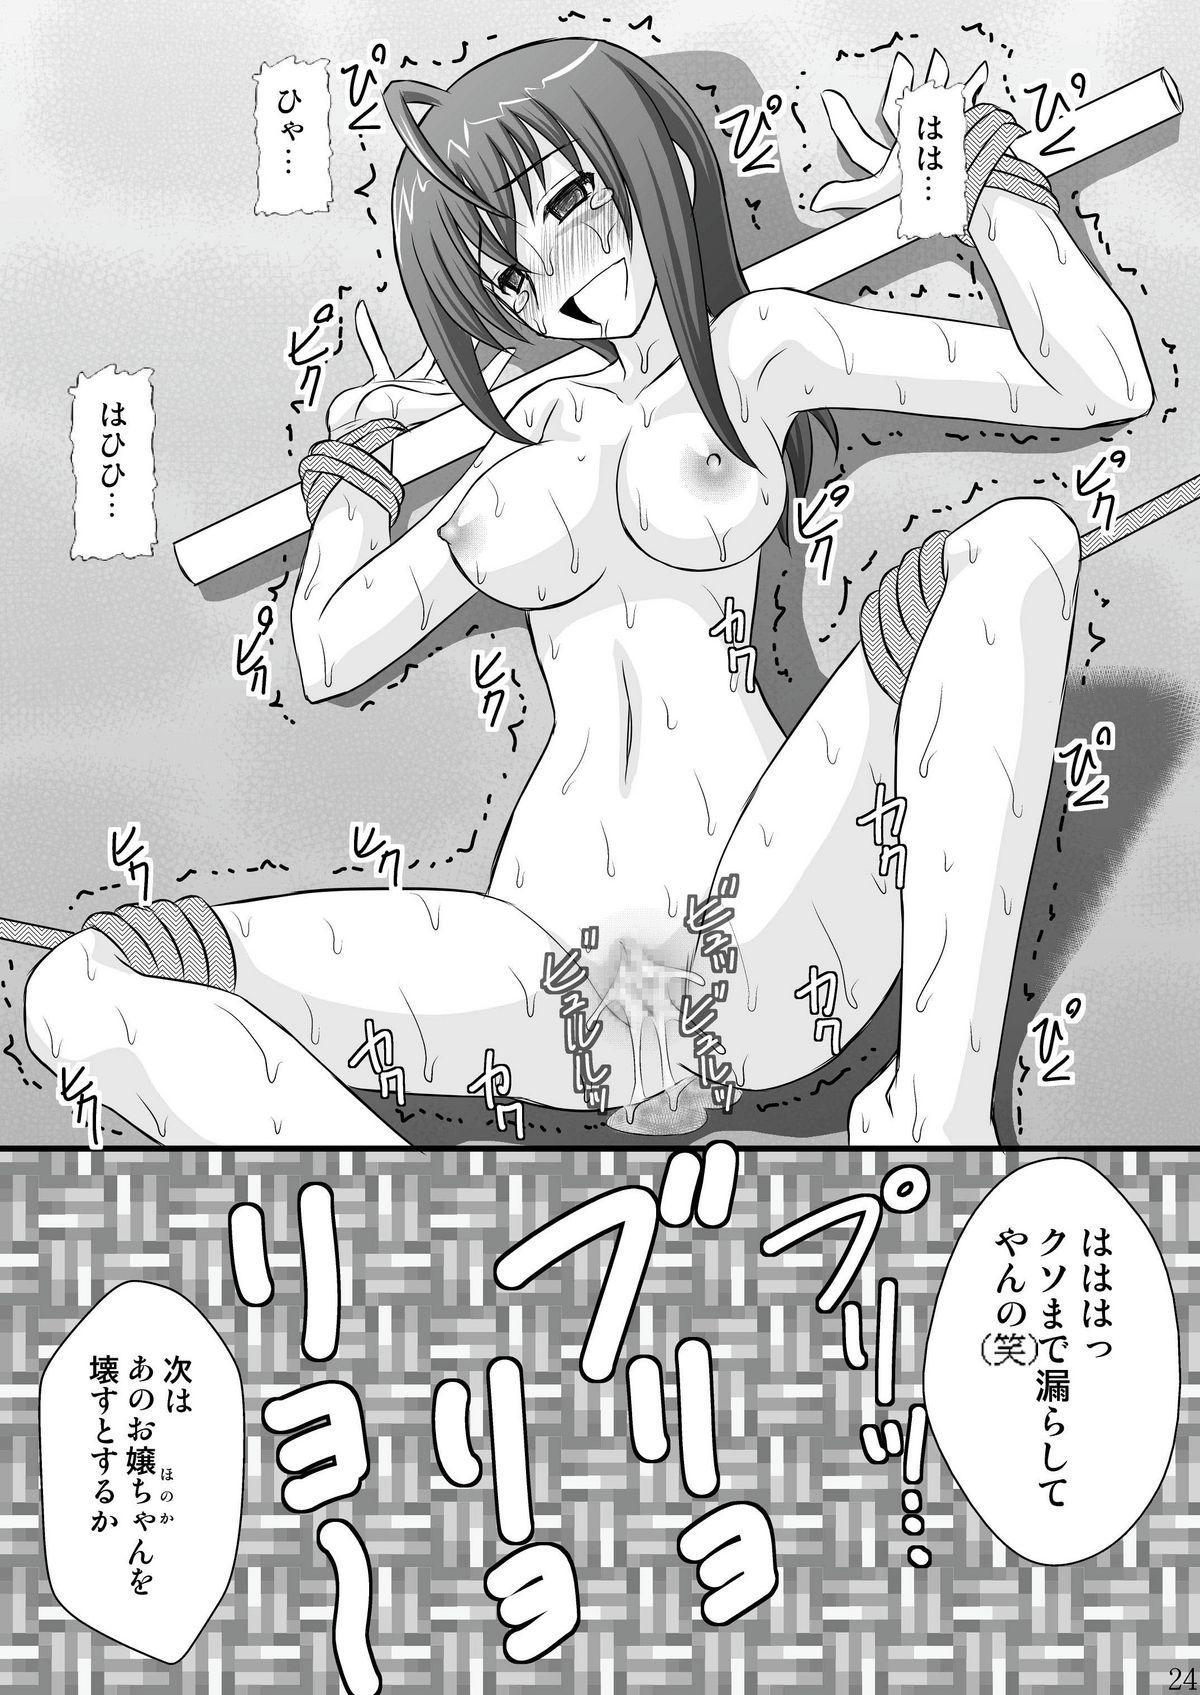 Seishin Houkai suru made Kusuguri Makutte Ryoujoku shite miru Test 23